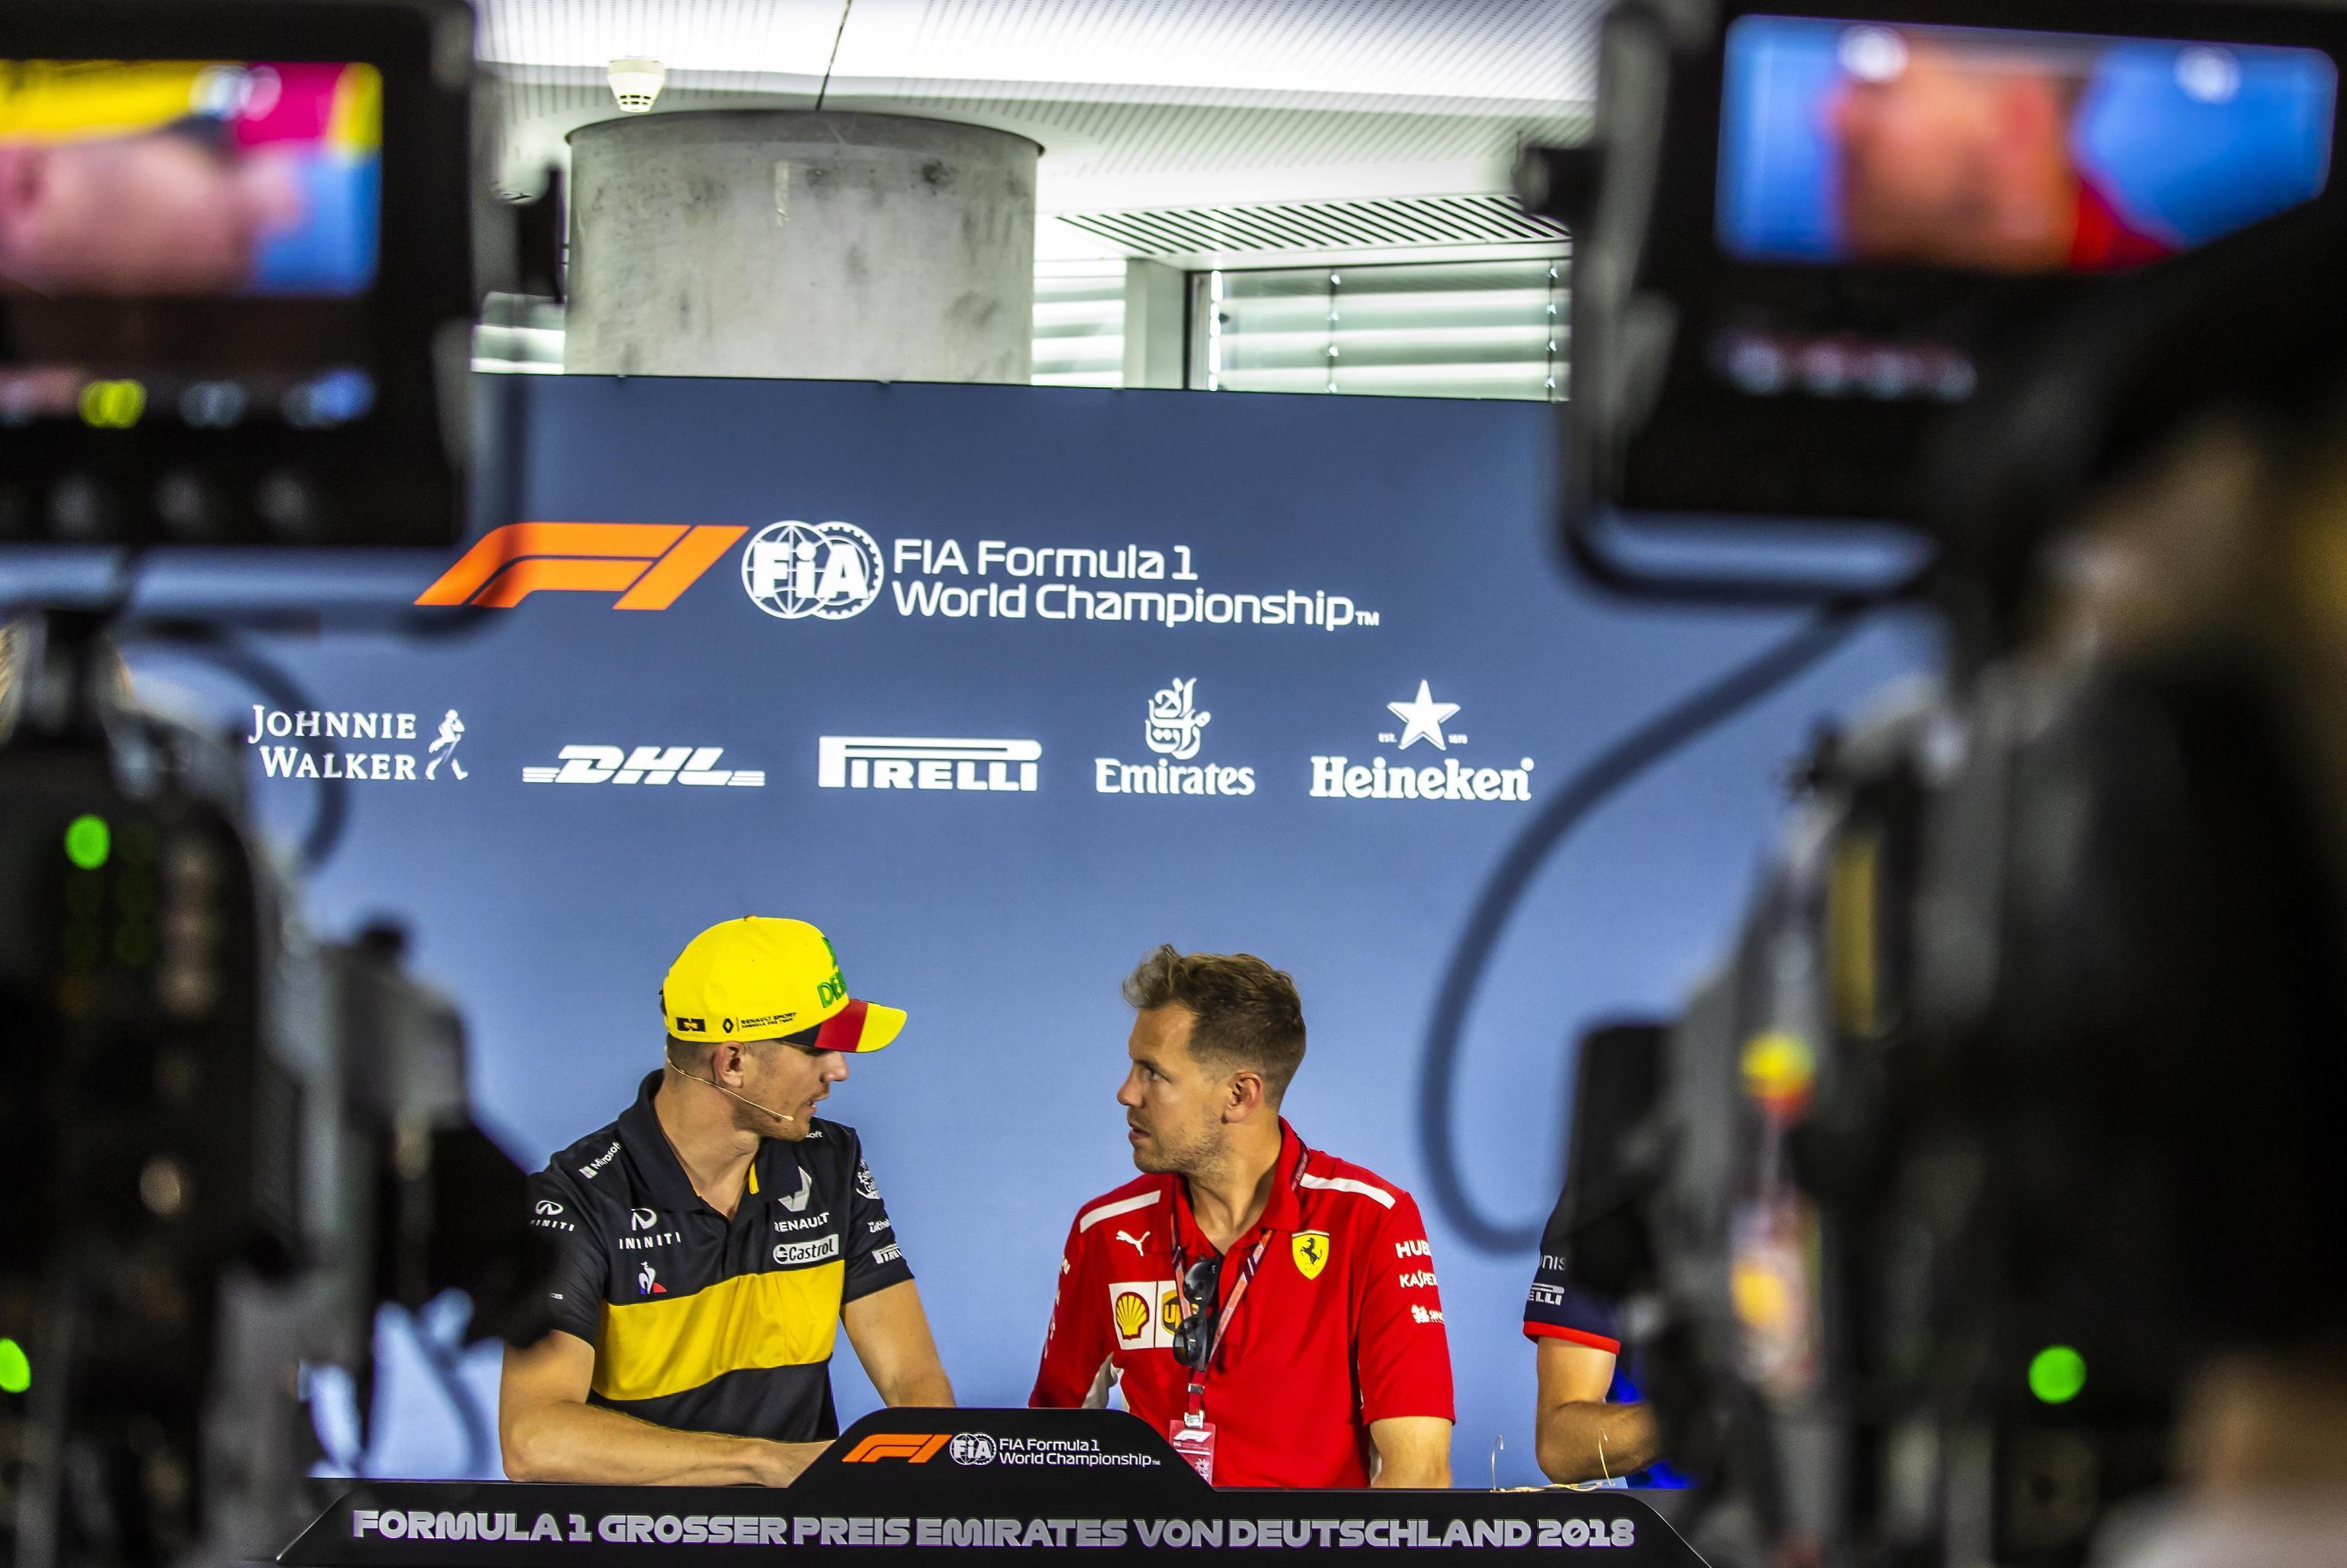 F1, Vettel pronto al GP di casa